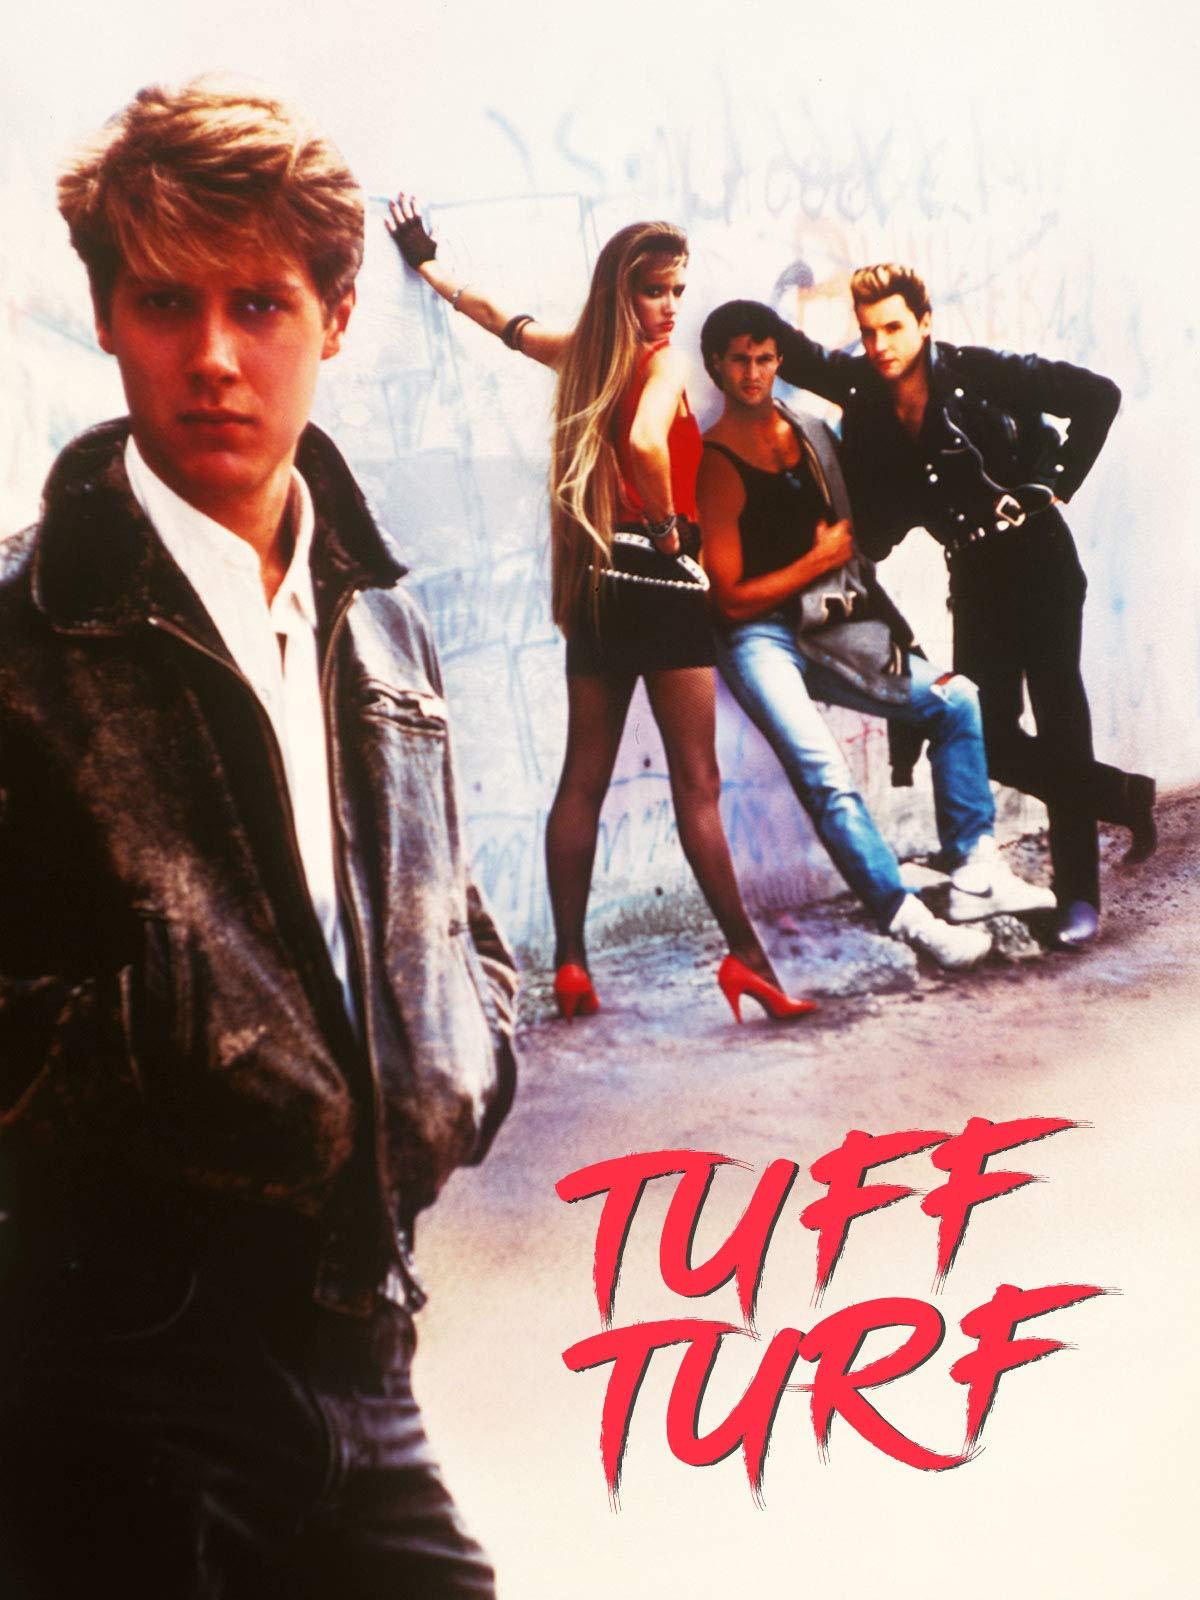 Tuff Turf